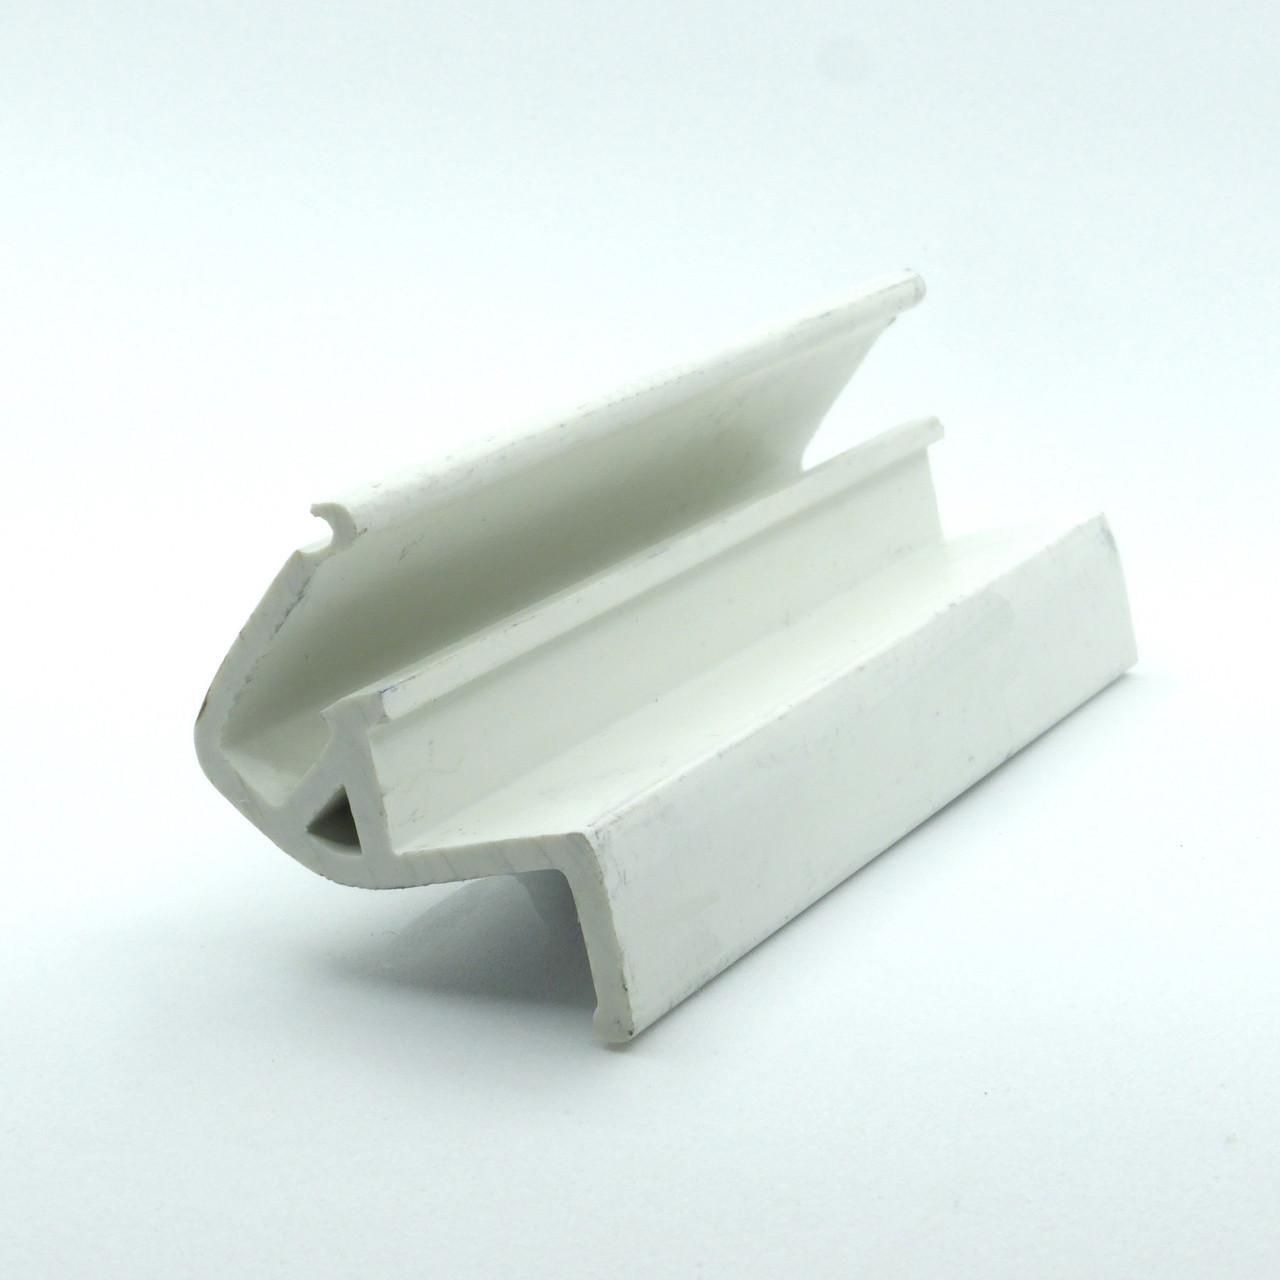 Профиль пластиковый - парящий (без вставки). Длина профиля 2,5 м.